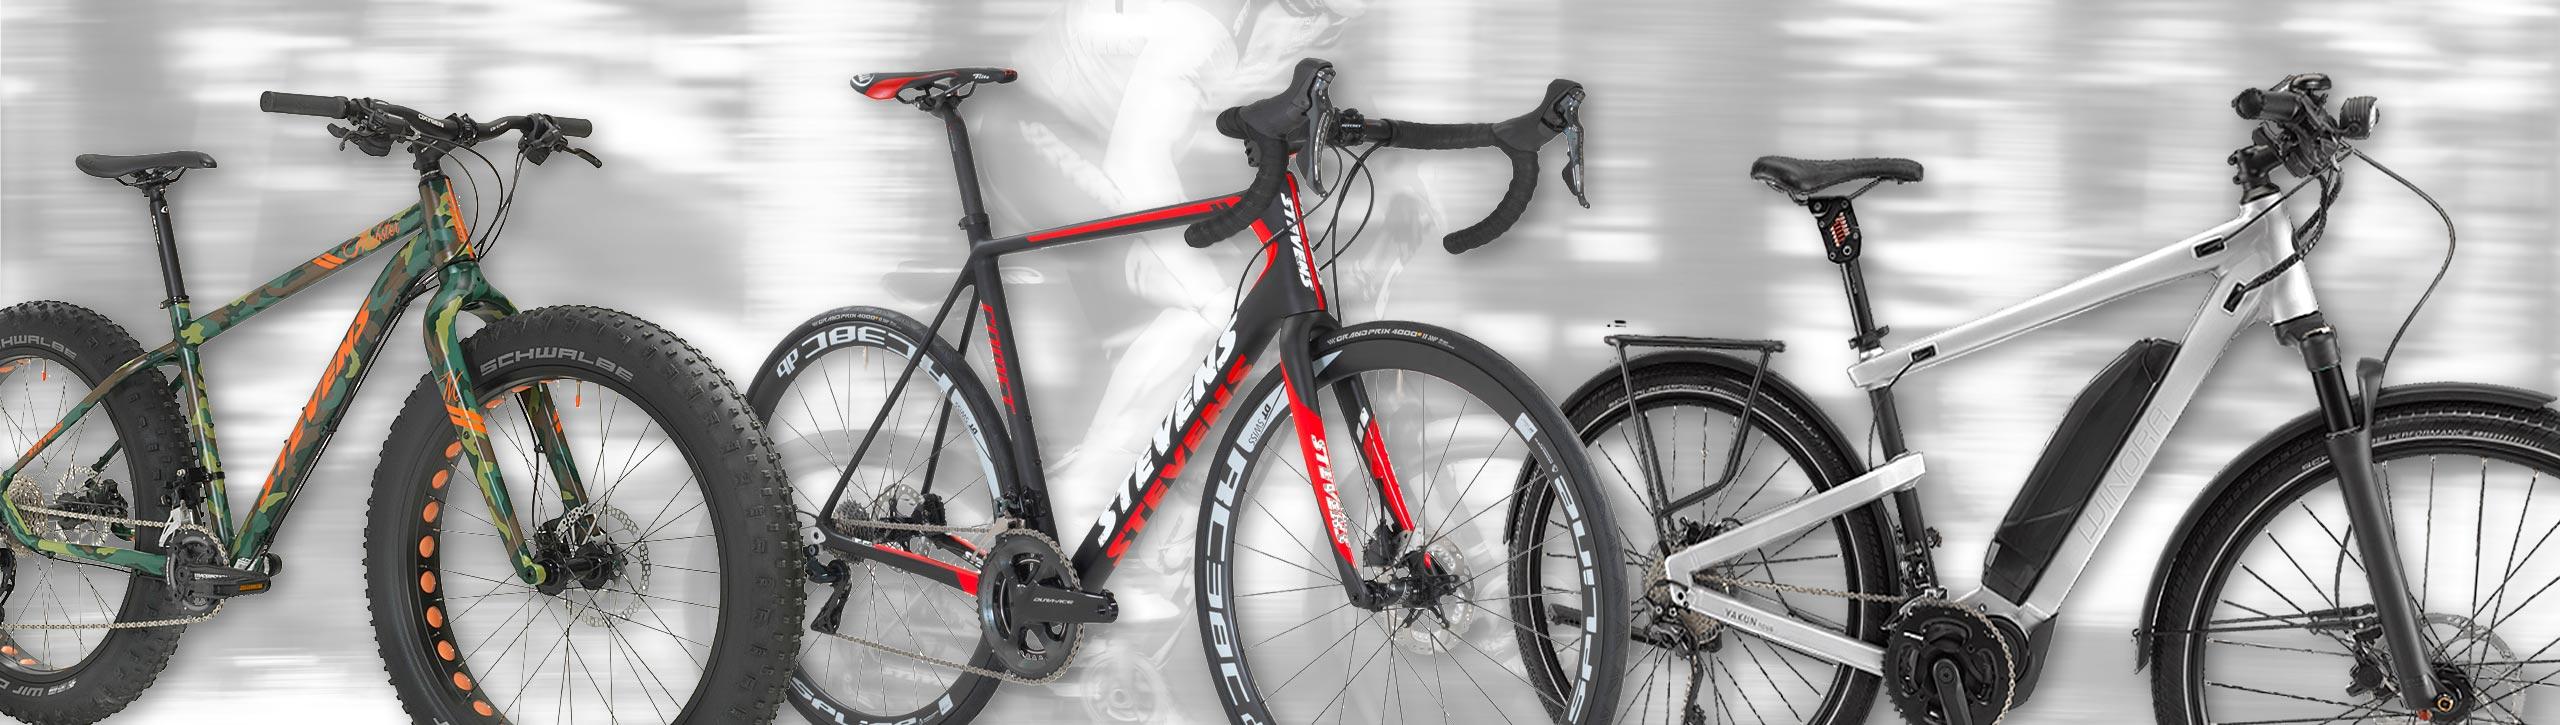 Mountain Bikes - Rennräder - Elektrobikes